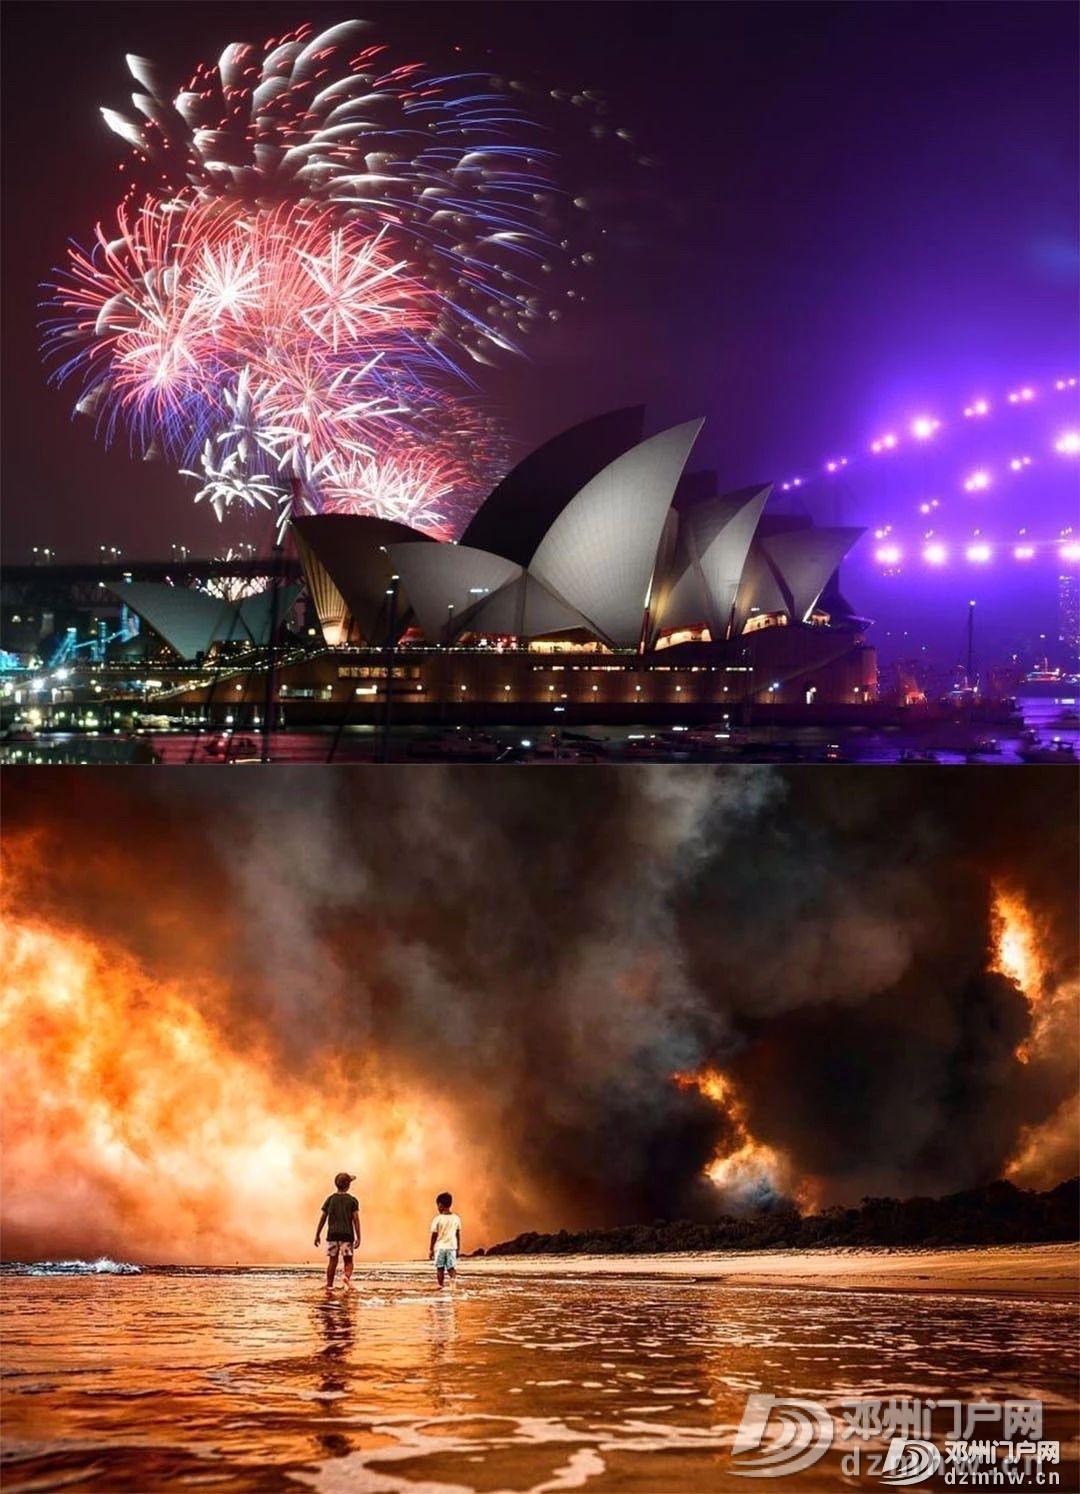 没有澳洲这场大火,我都不知道中国33年前这么厉害! - 邓州门户网 邓州网 - 35ff1609dd0a327eb18b3ed6c6390c1f.jpg